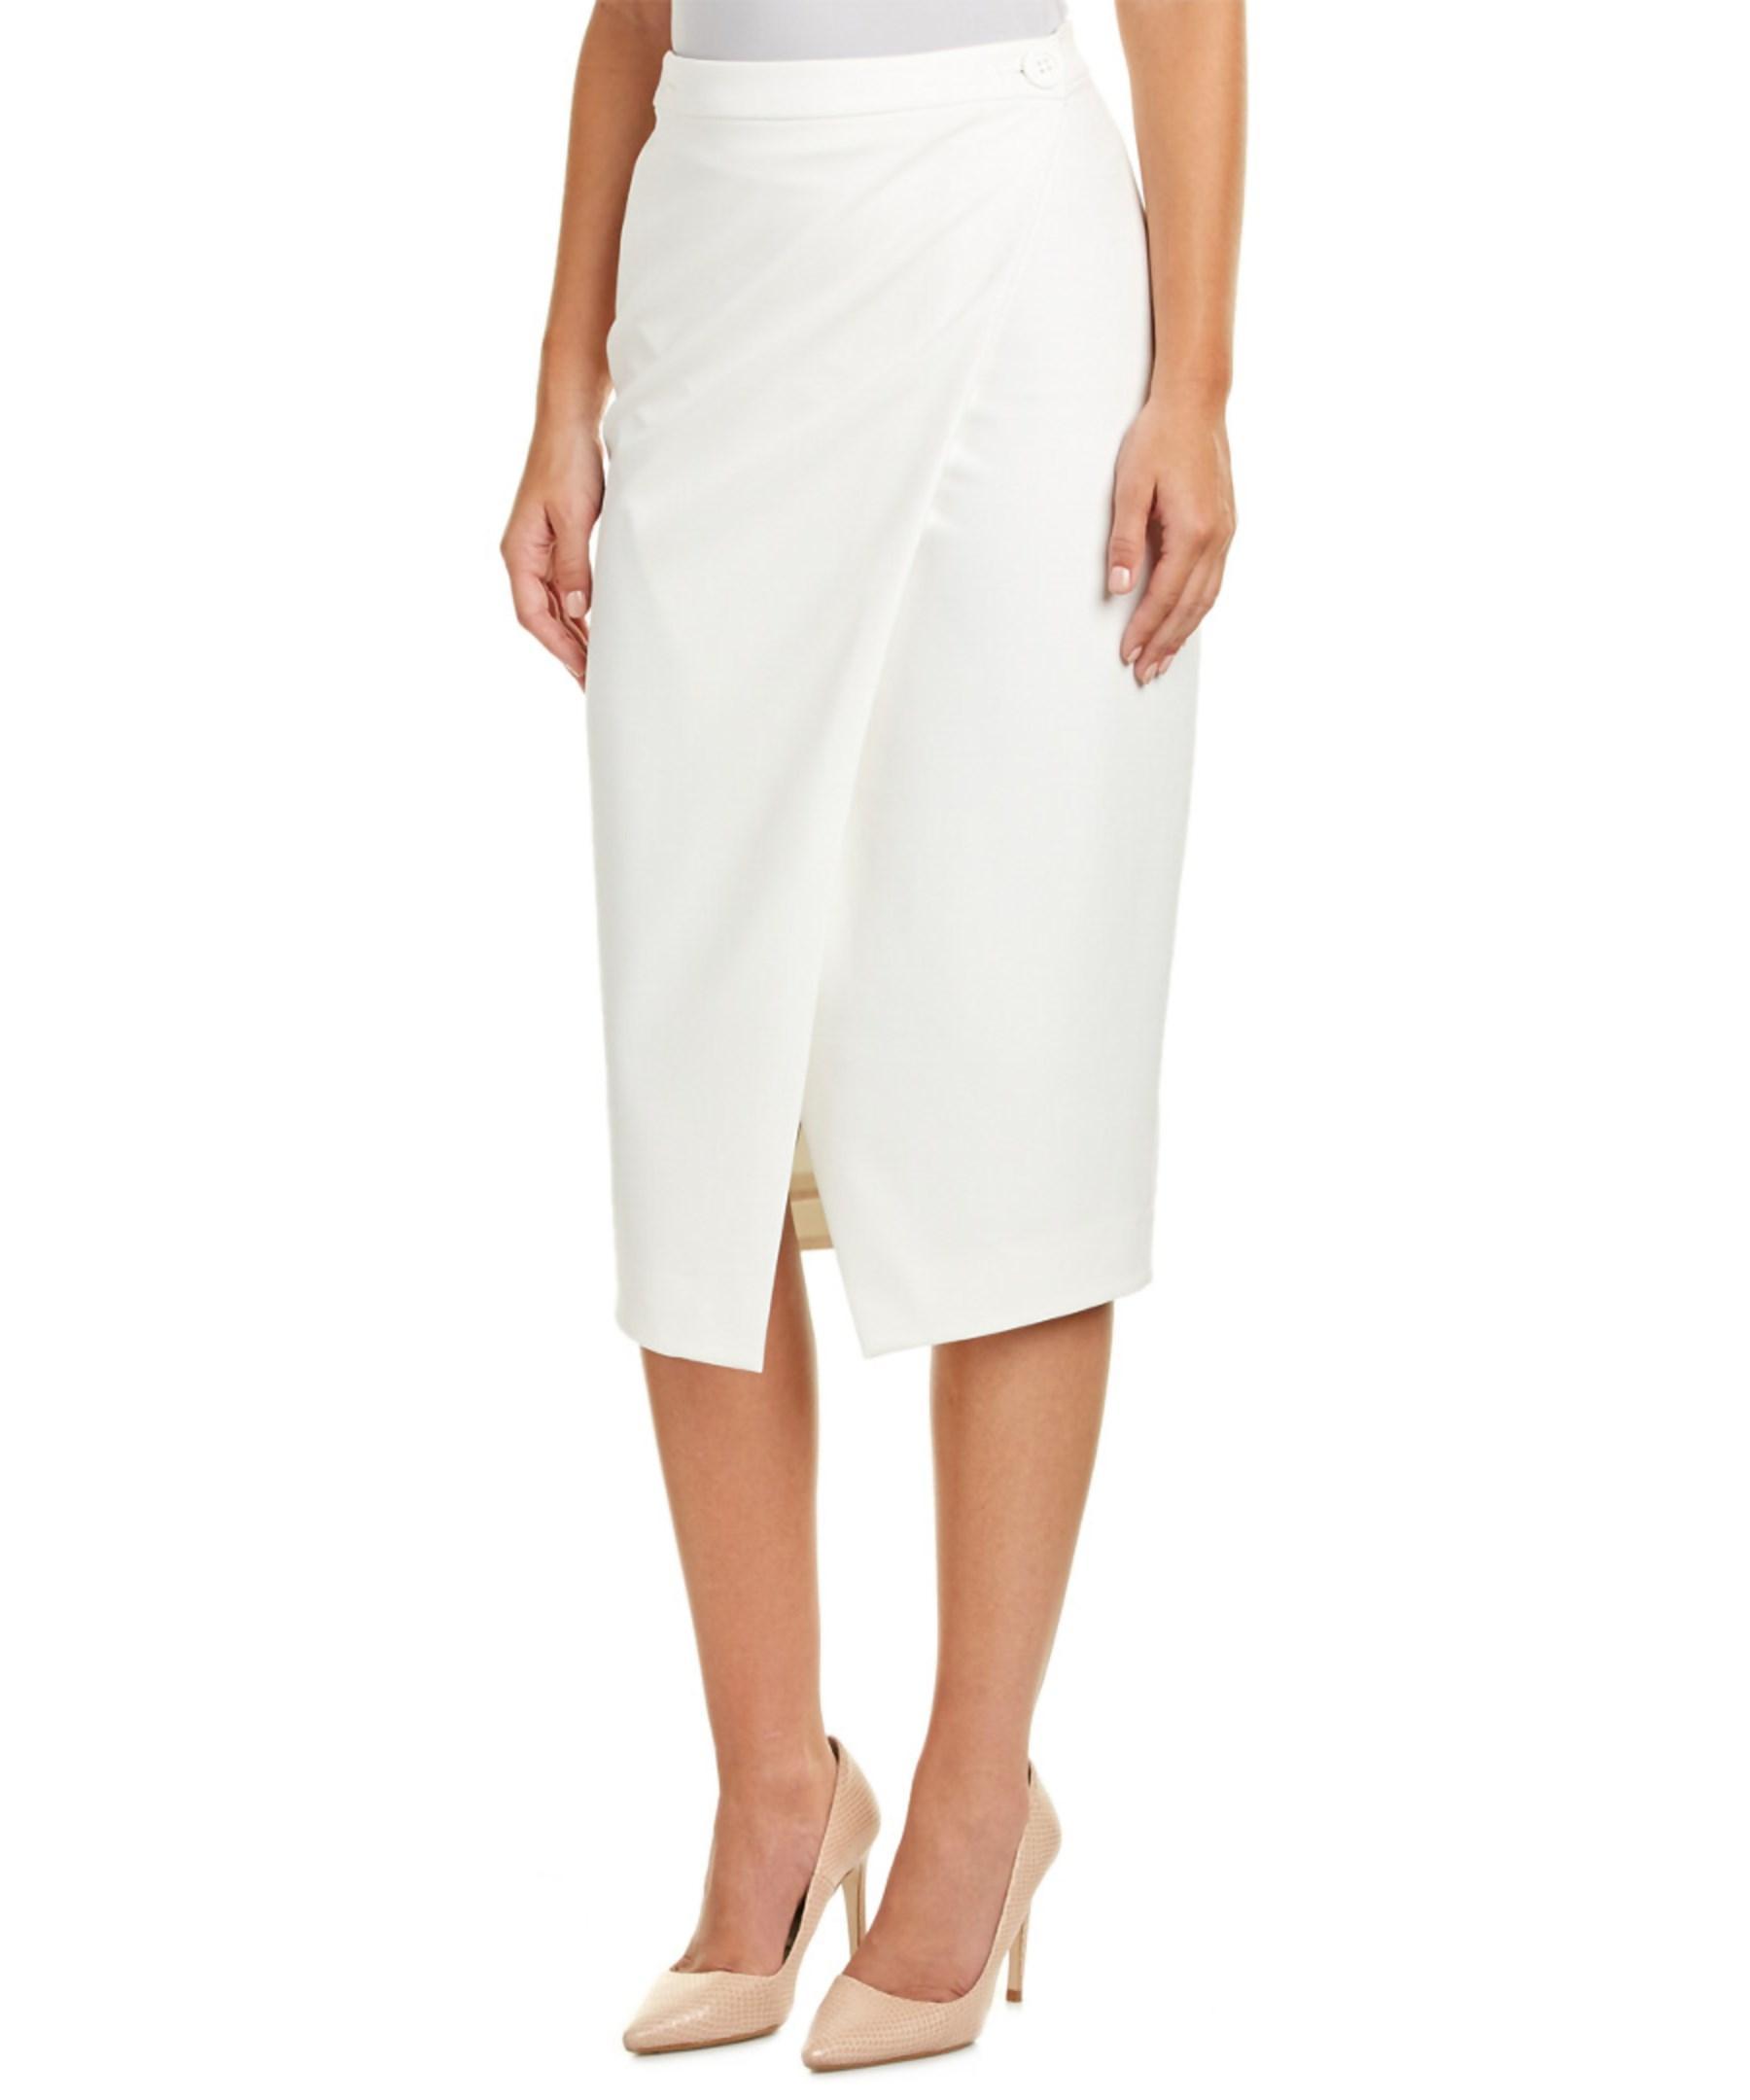 yoana baraschi midi skirt in white lyst